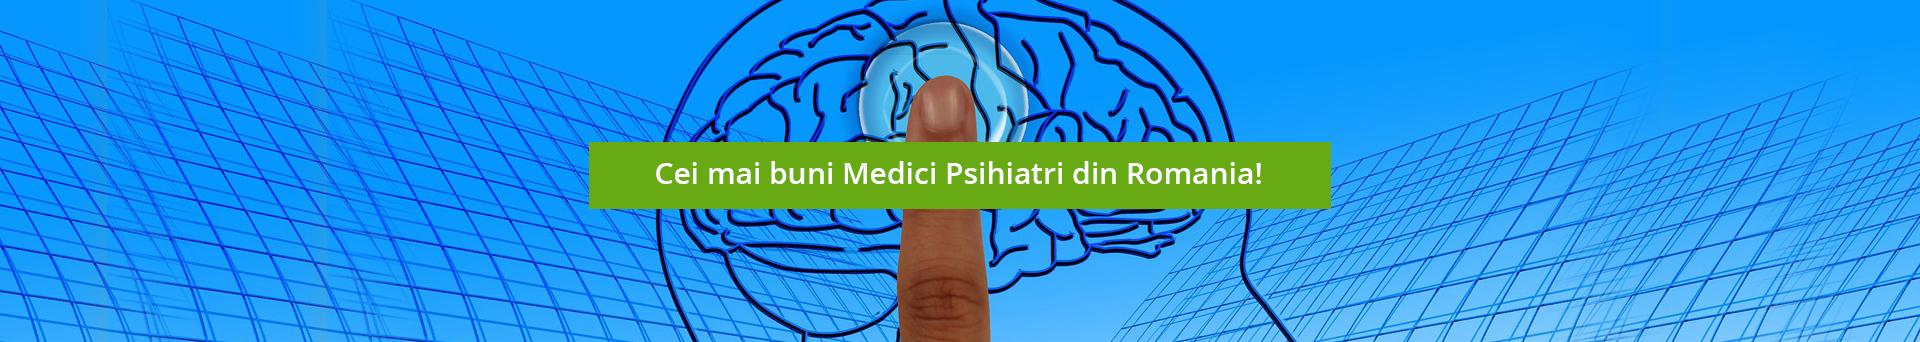 Cei mai buni Medici Psihiatri din Romania